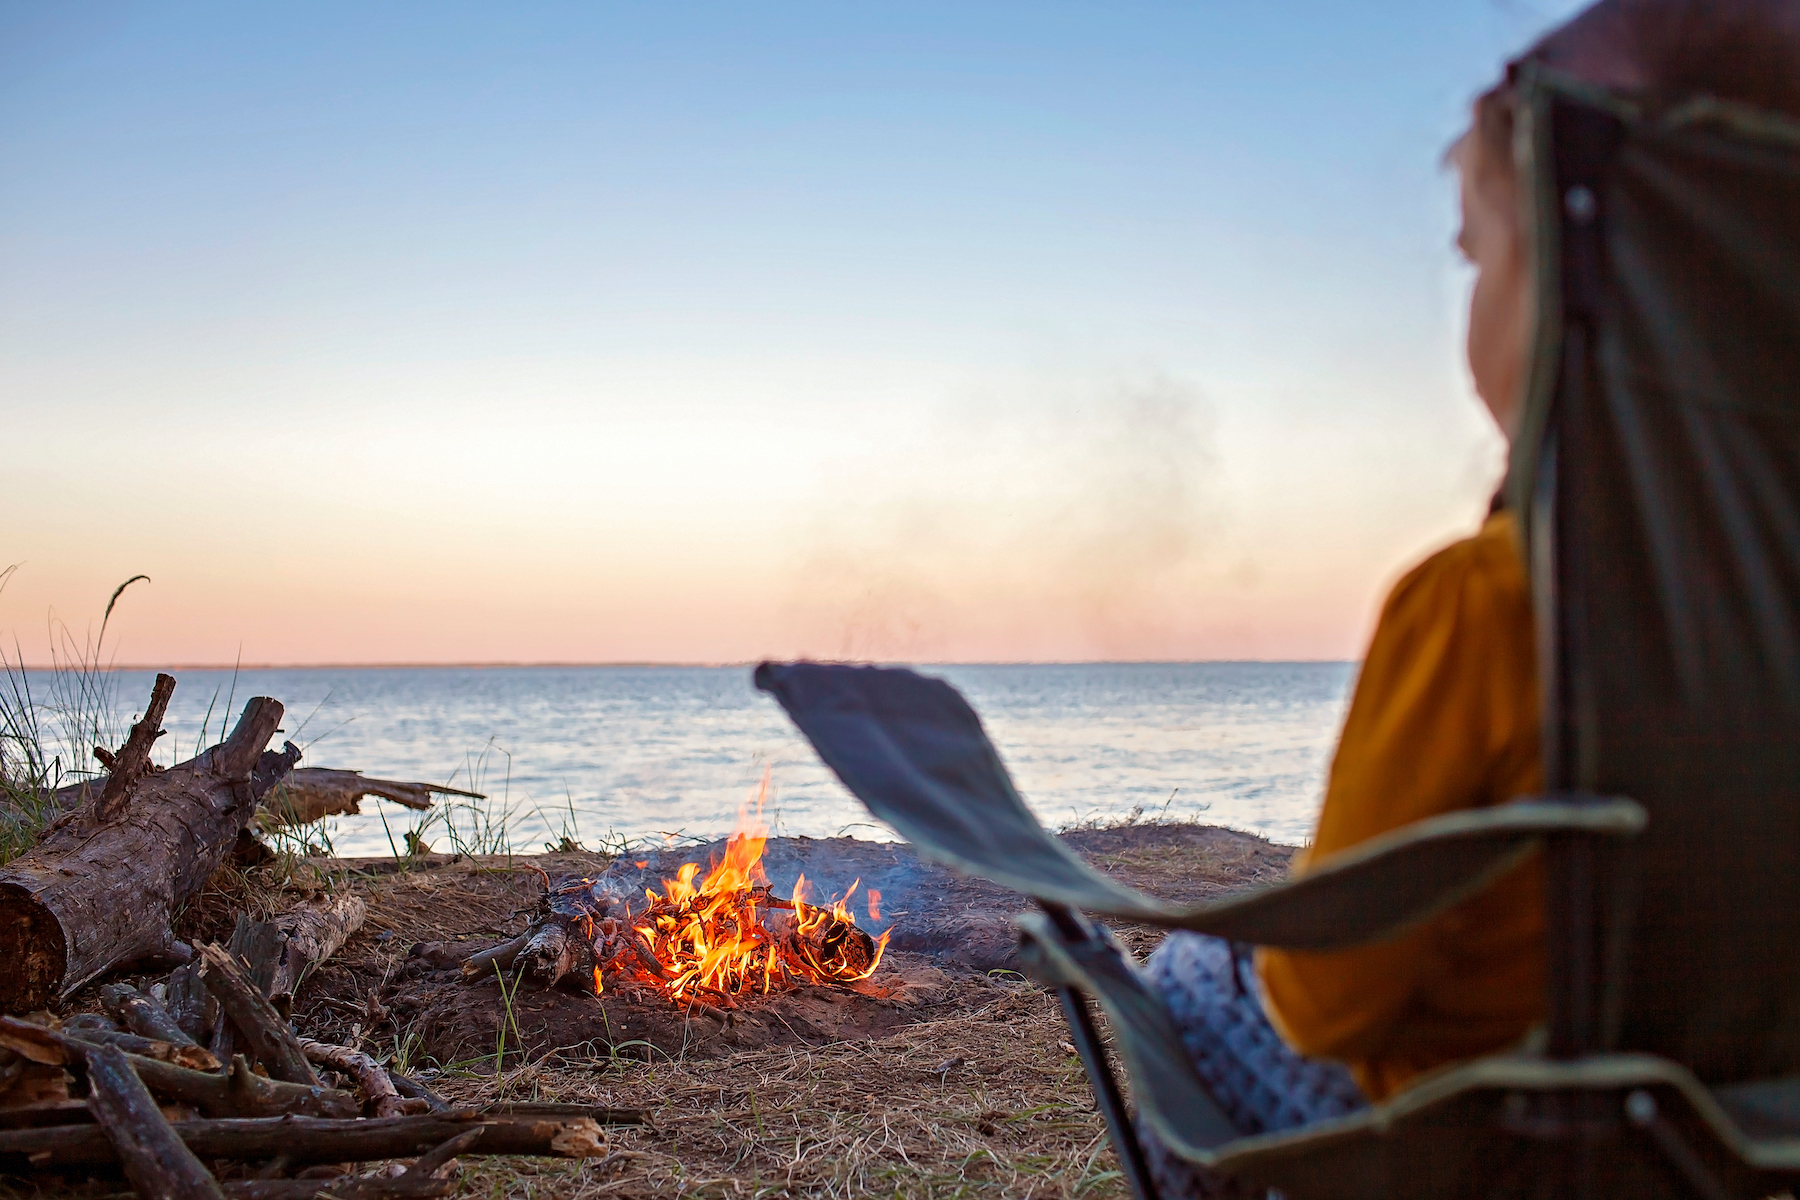 Kid at Campfire